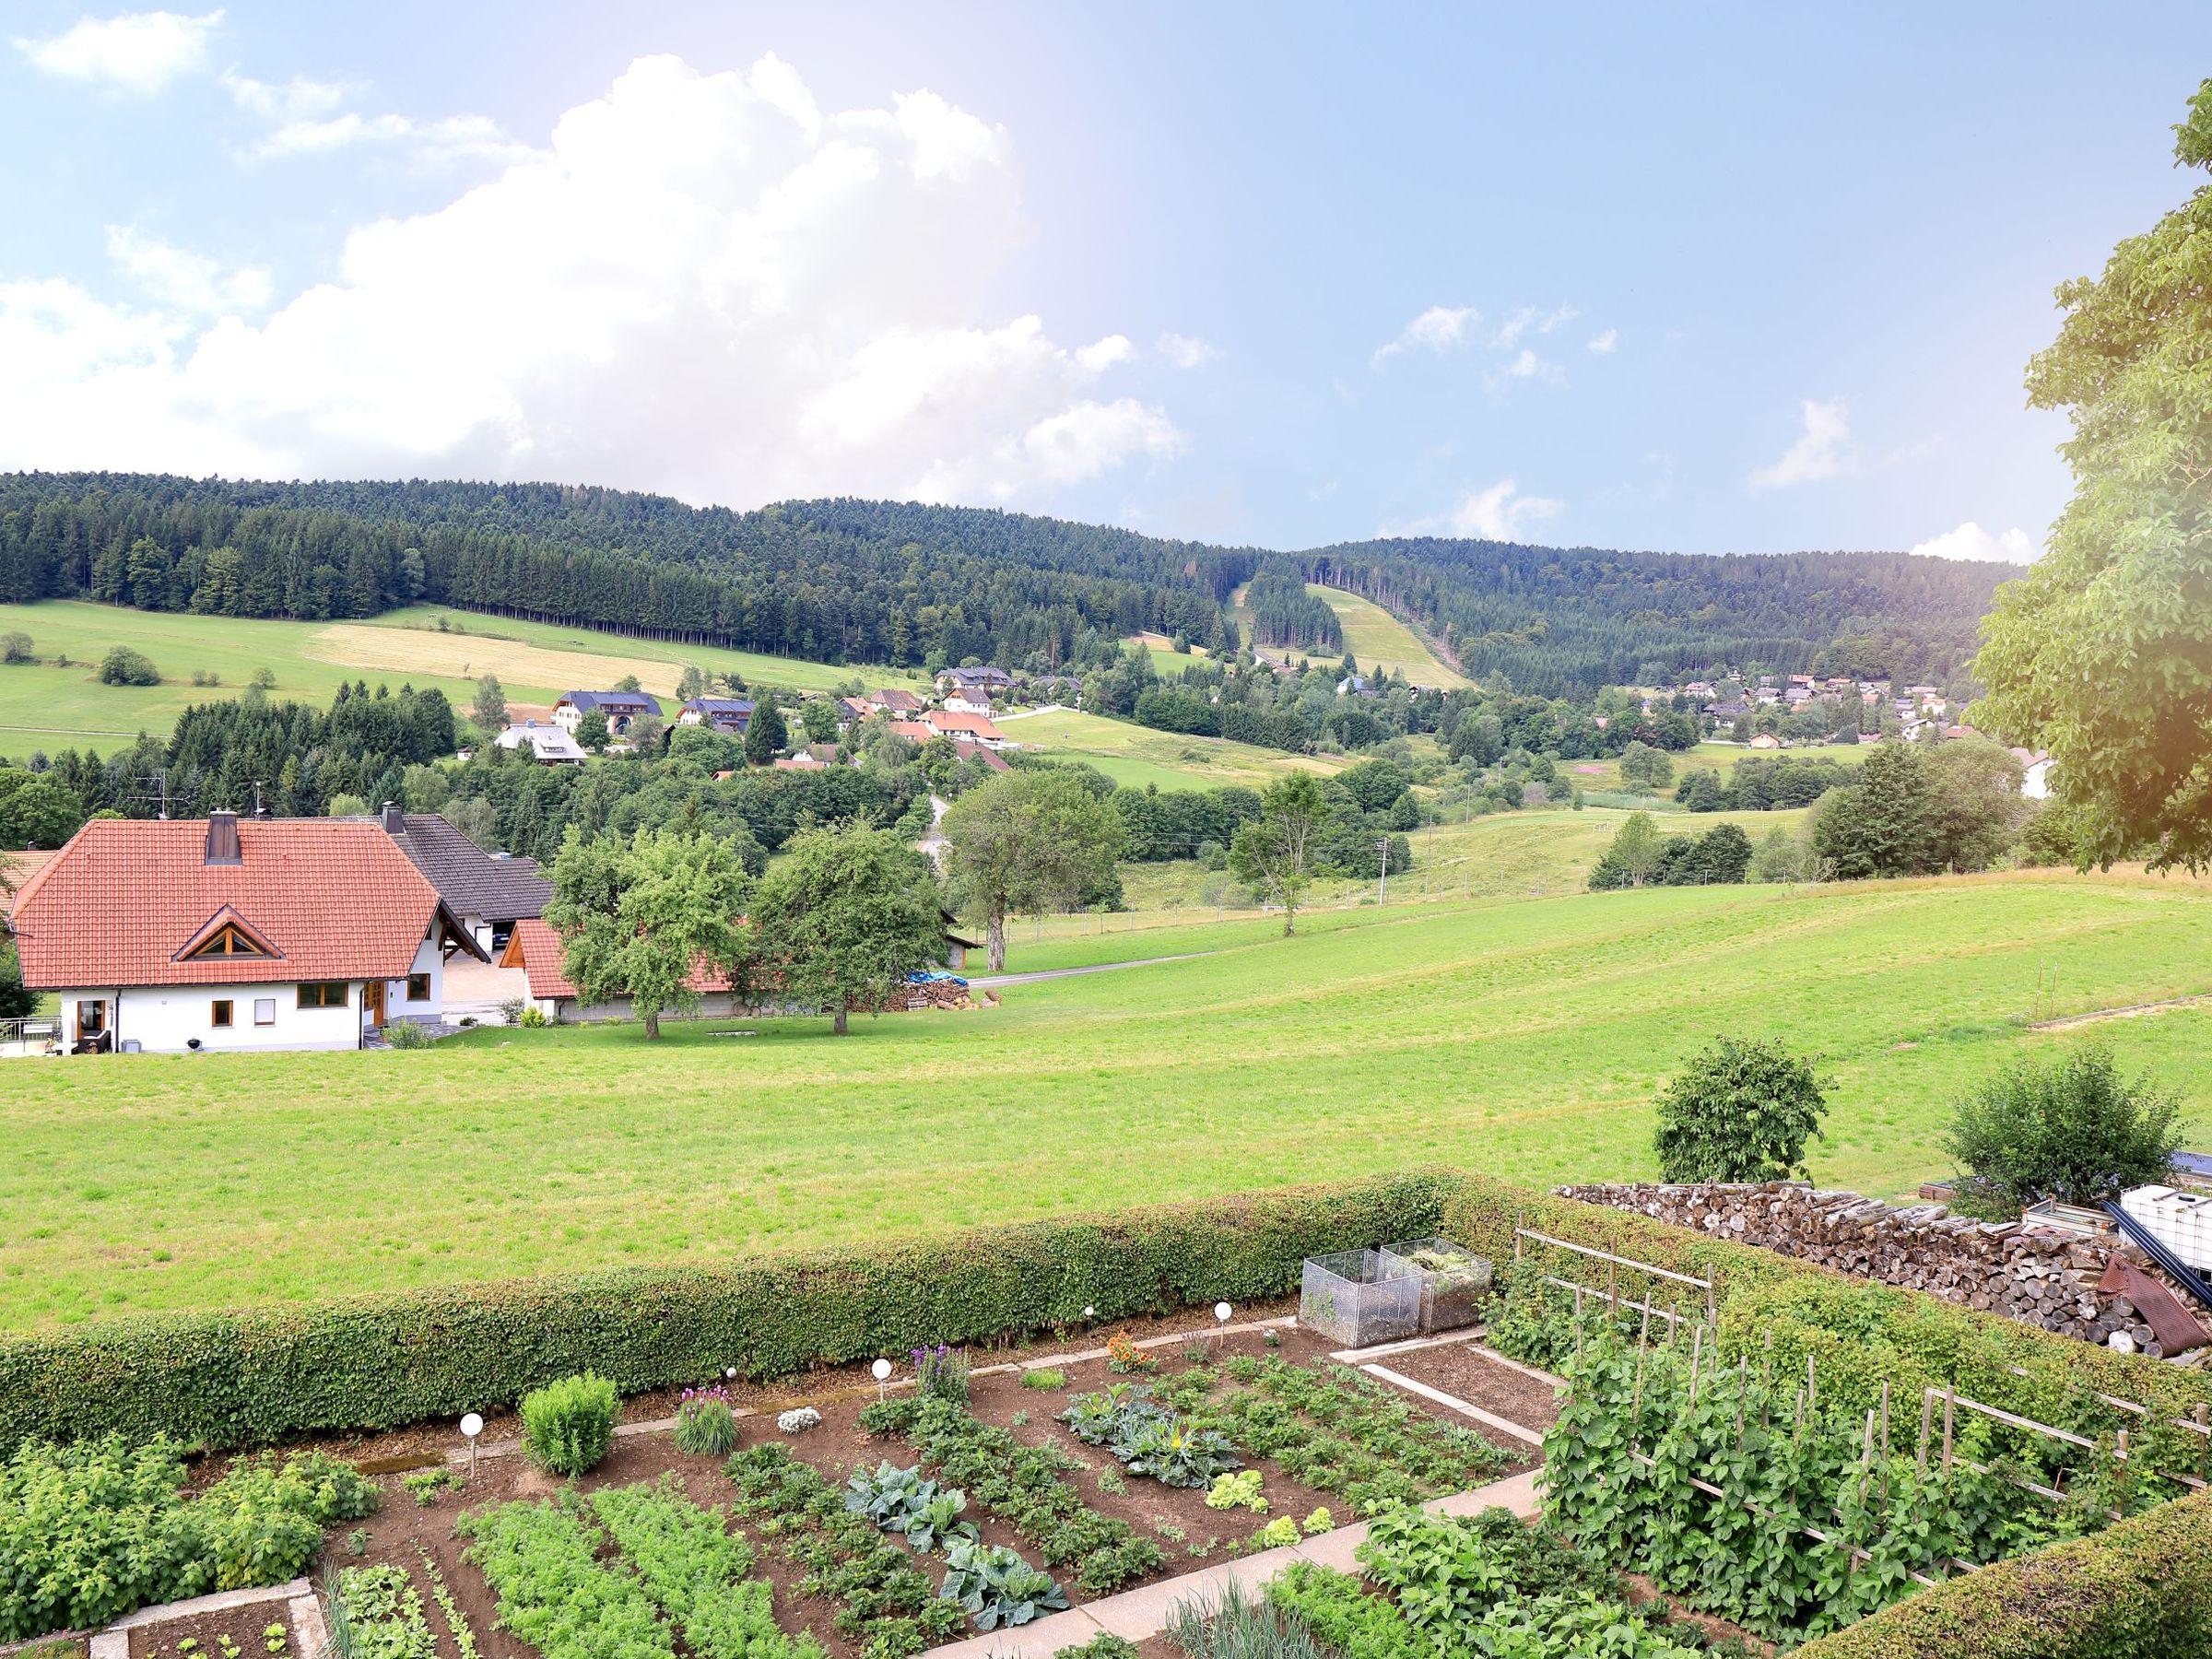 Ferienwohnung Haus Monika Ferienwohnungen, (Herrischried). Ferienwohnung Nr. 3, 62 qm, Balkon, 2 Schlafz (2299231), Herrischried, Schwarzwald, Baden-Württemberg, Deutschland, Bild 2